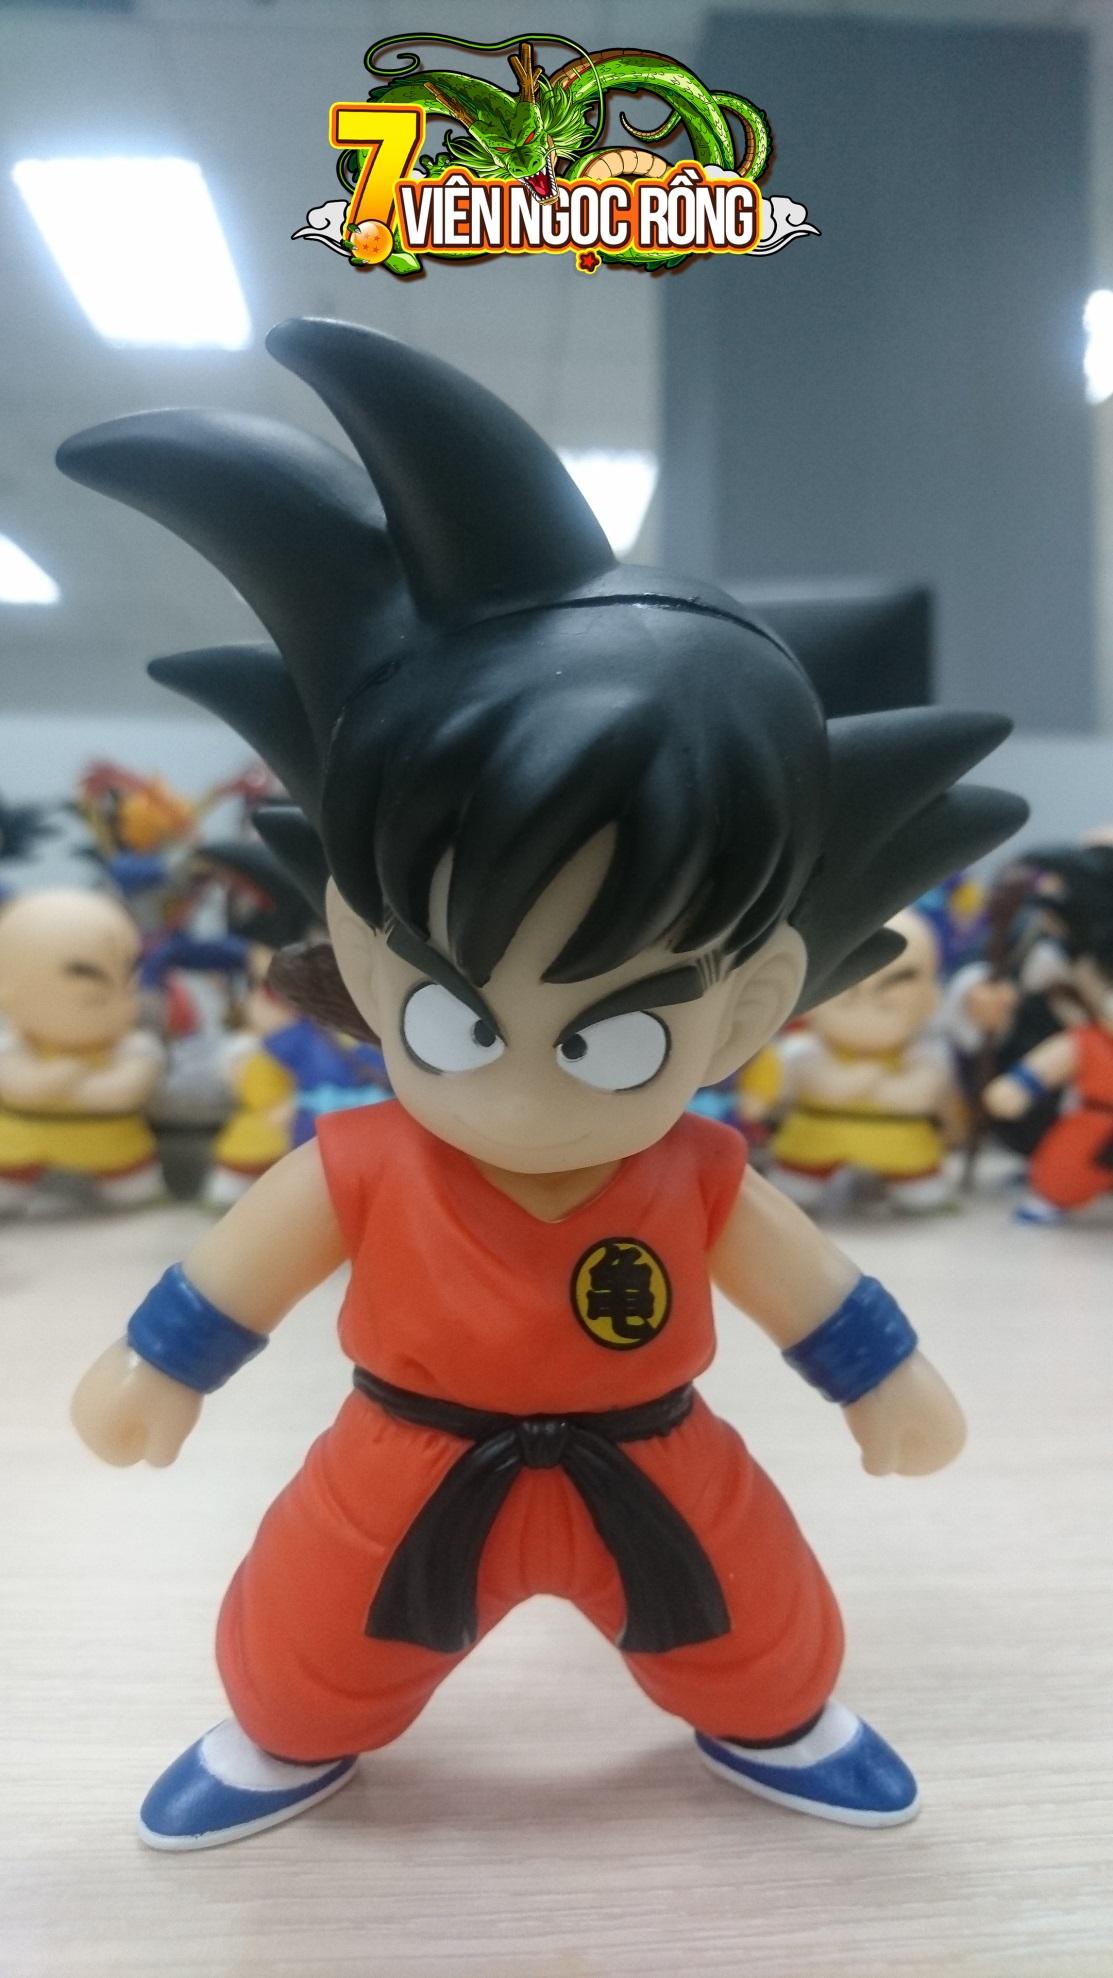 7 Viên Ngọc Rồng bất ngờ tặng fan hàng loạt mô hình Dragon Balls!